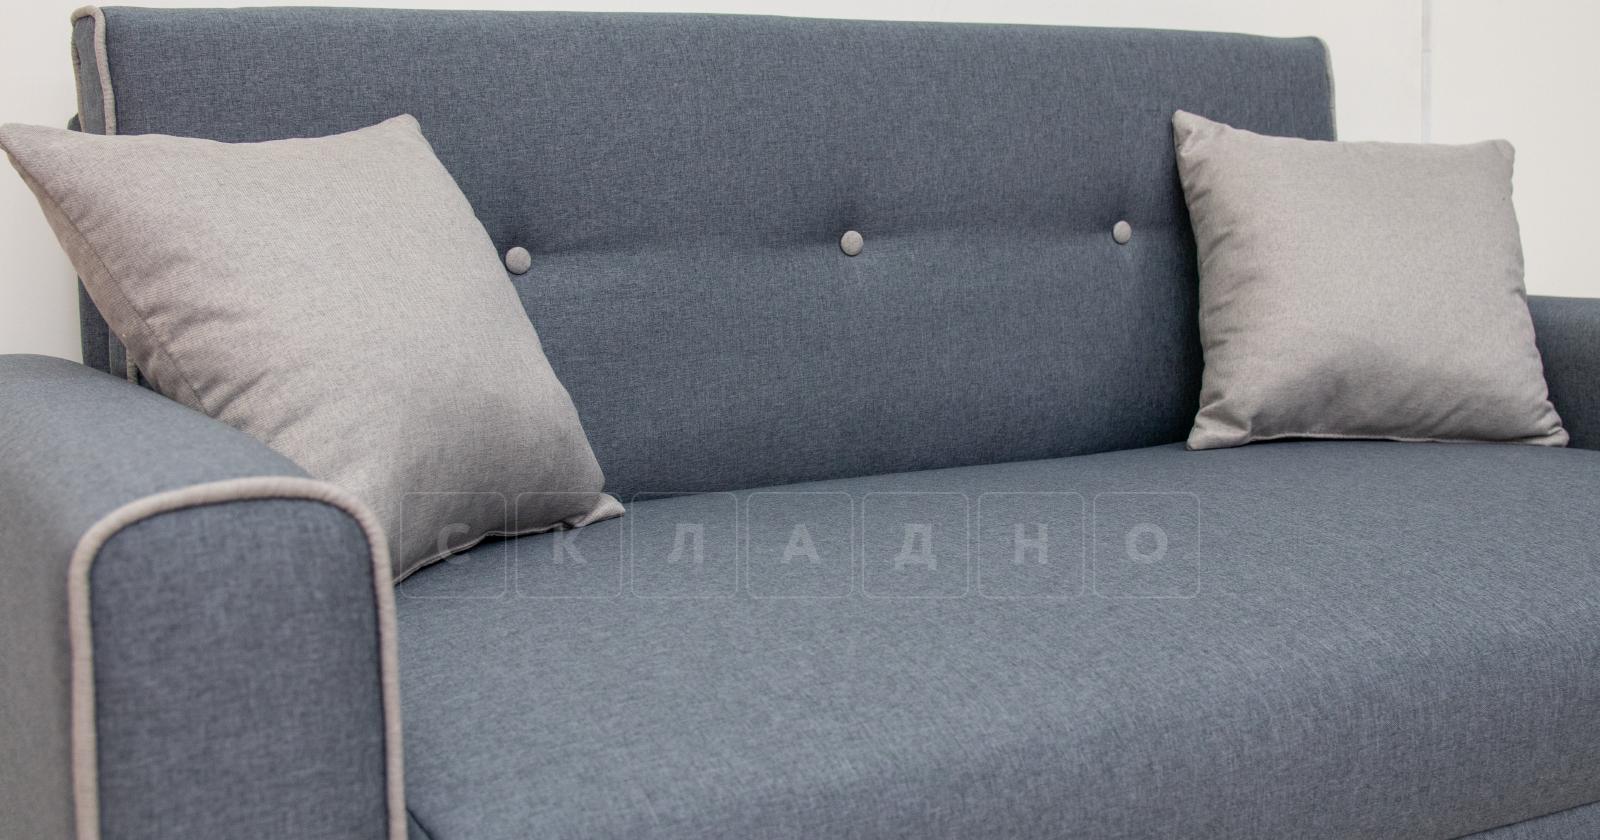 Диван-кровать Найс 120 стальной ТД 172 фото 11 | интернет-магазин Складно